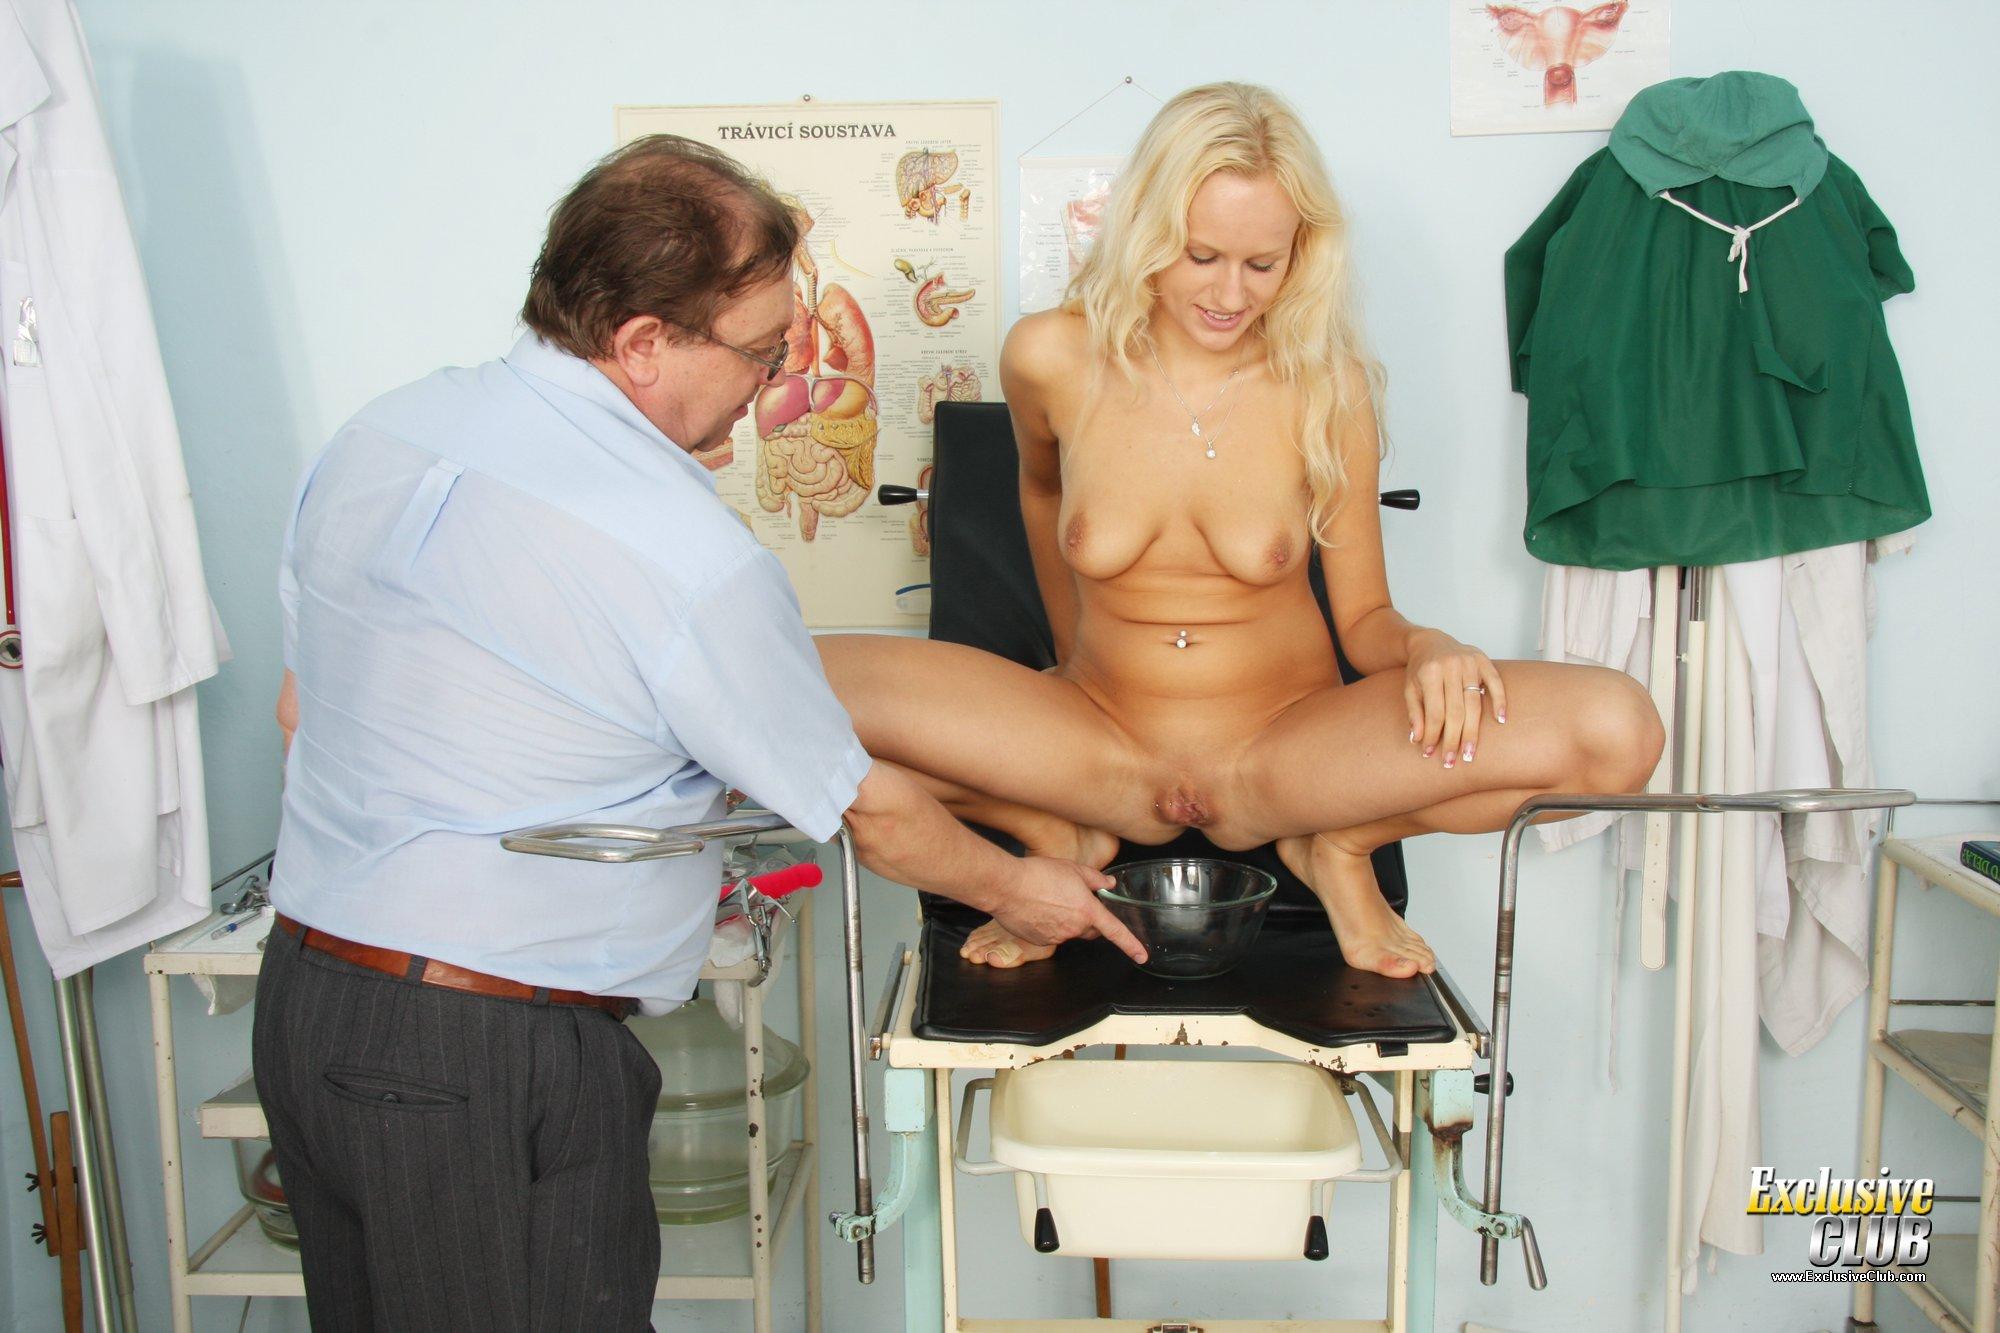 Ххх в кабинете гинеколога, Русское порно у гинеколога. Смотреть секс на приеме 13 фотография